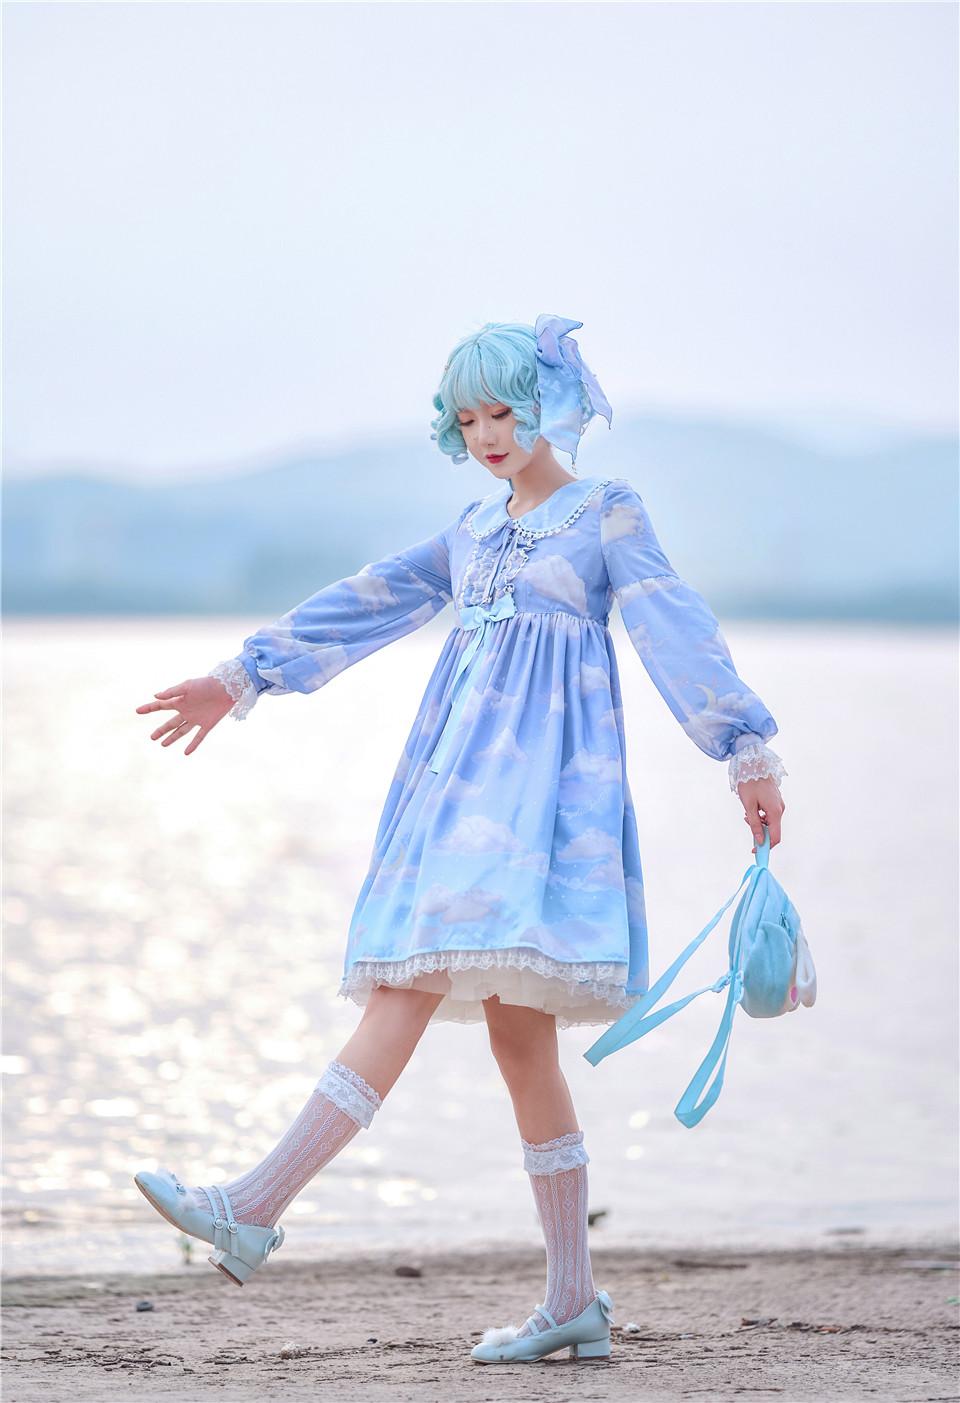 阿包也是兔娘 NO.11 lolita蓝裙 [142.49 MB]